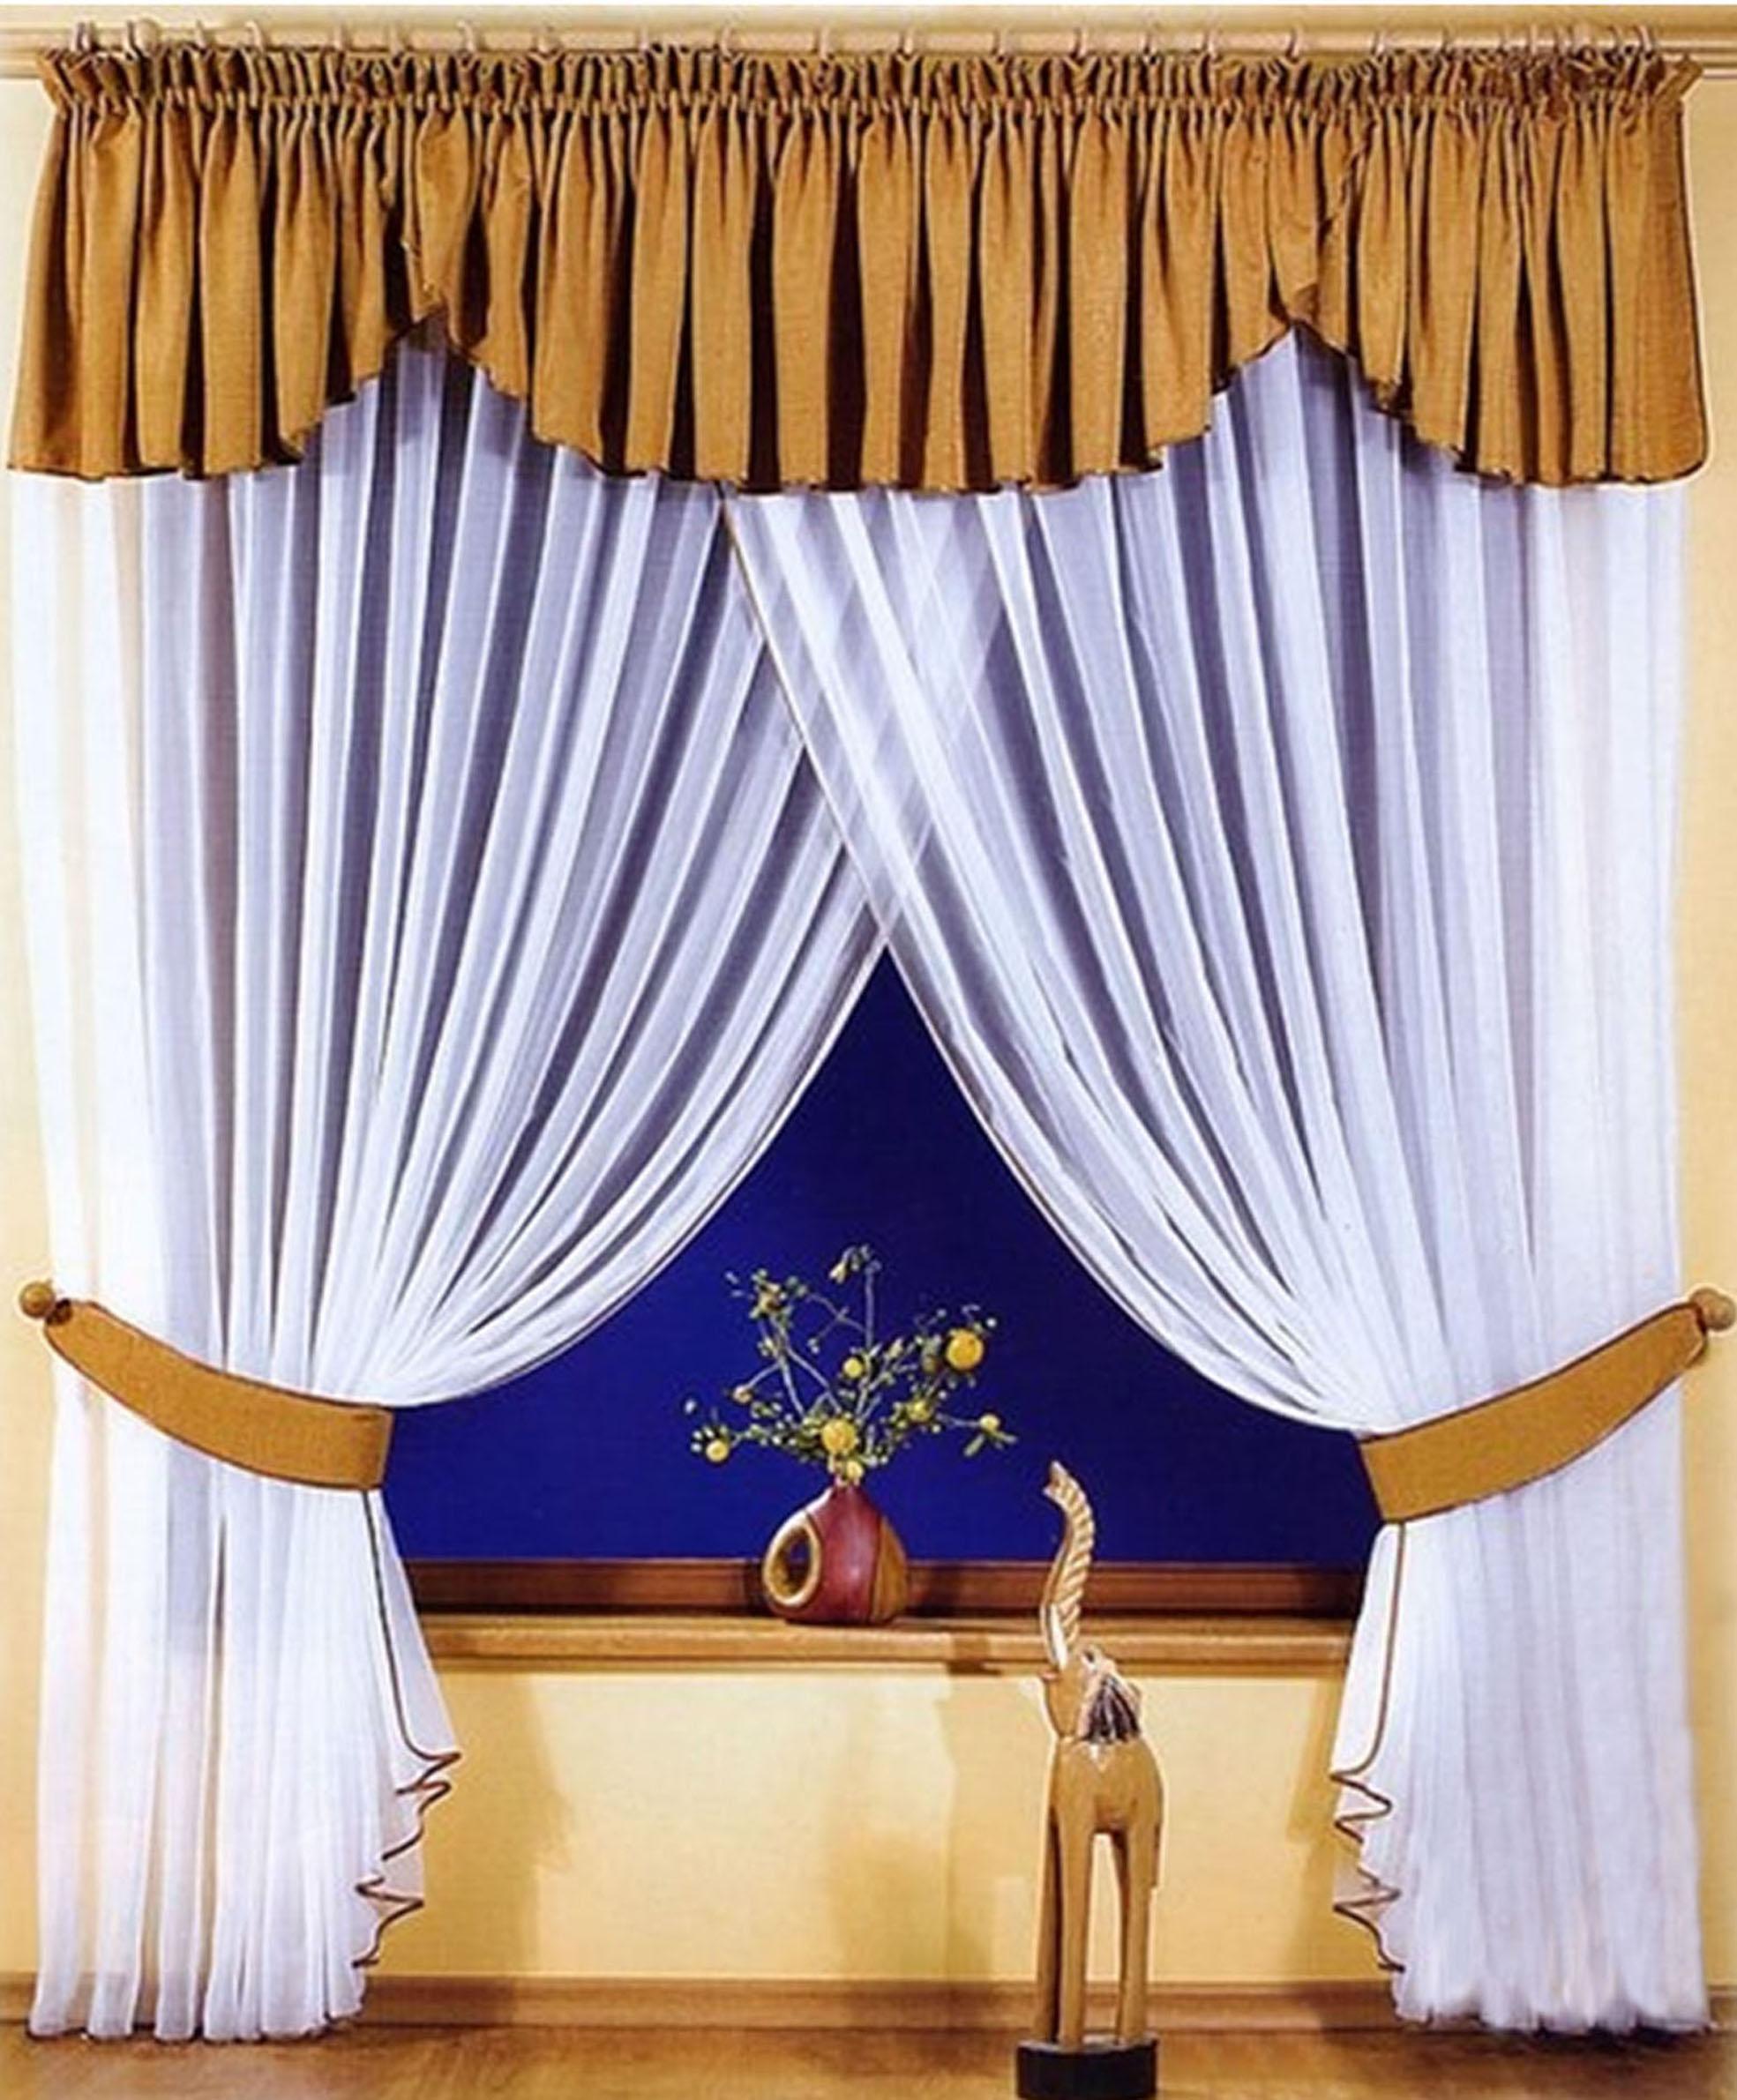 Шторы РеалТекс Шторы с ламбрекеном Pleasance Цвет: Шоколад шторы реалтекс шторы с ламбрекеном радость цвет фиолетовый